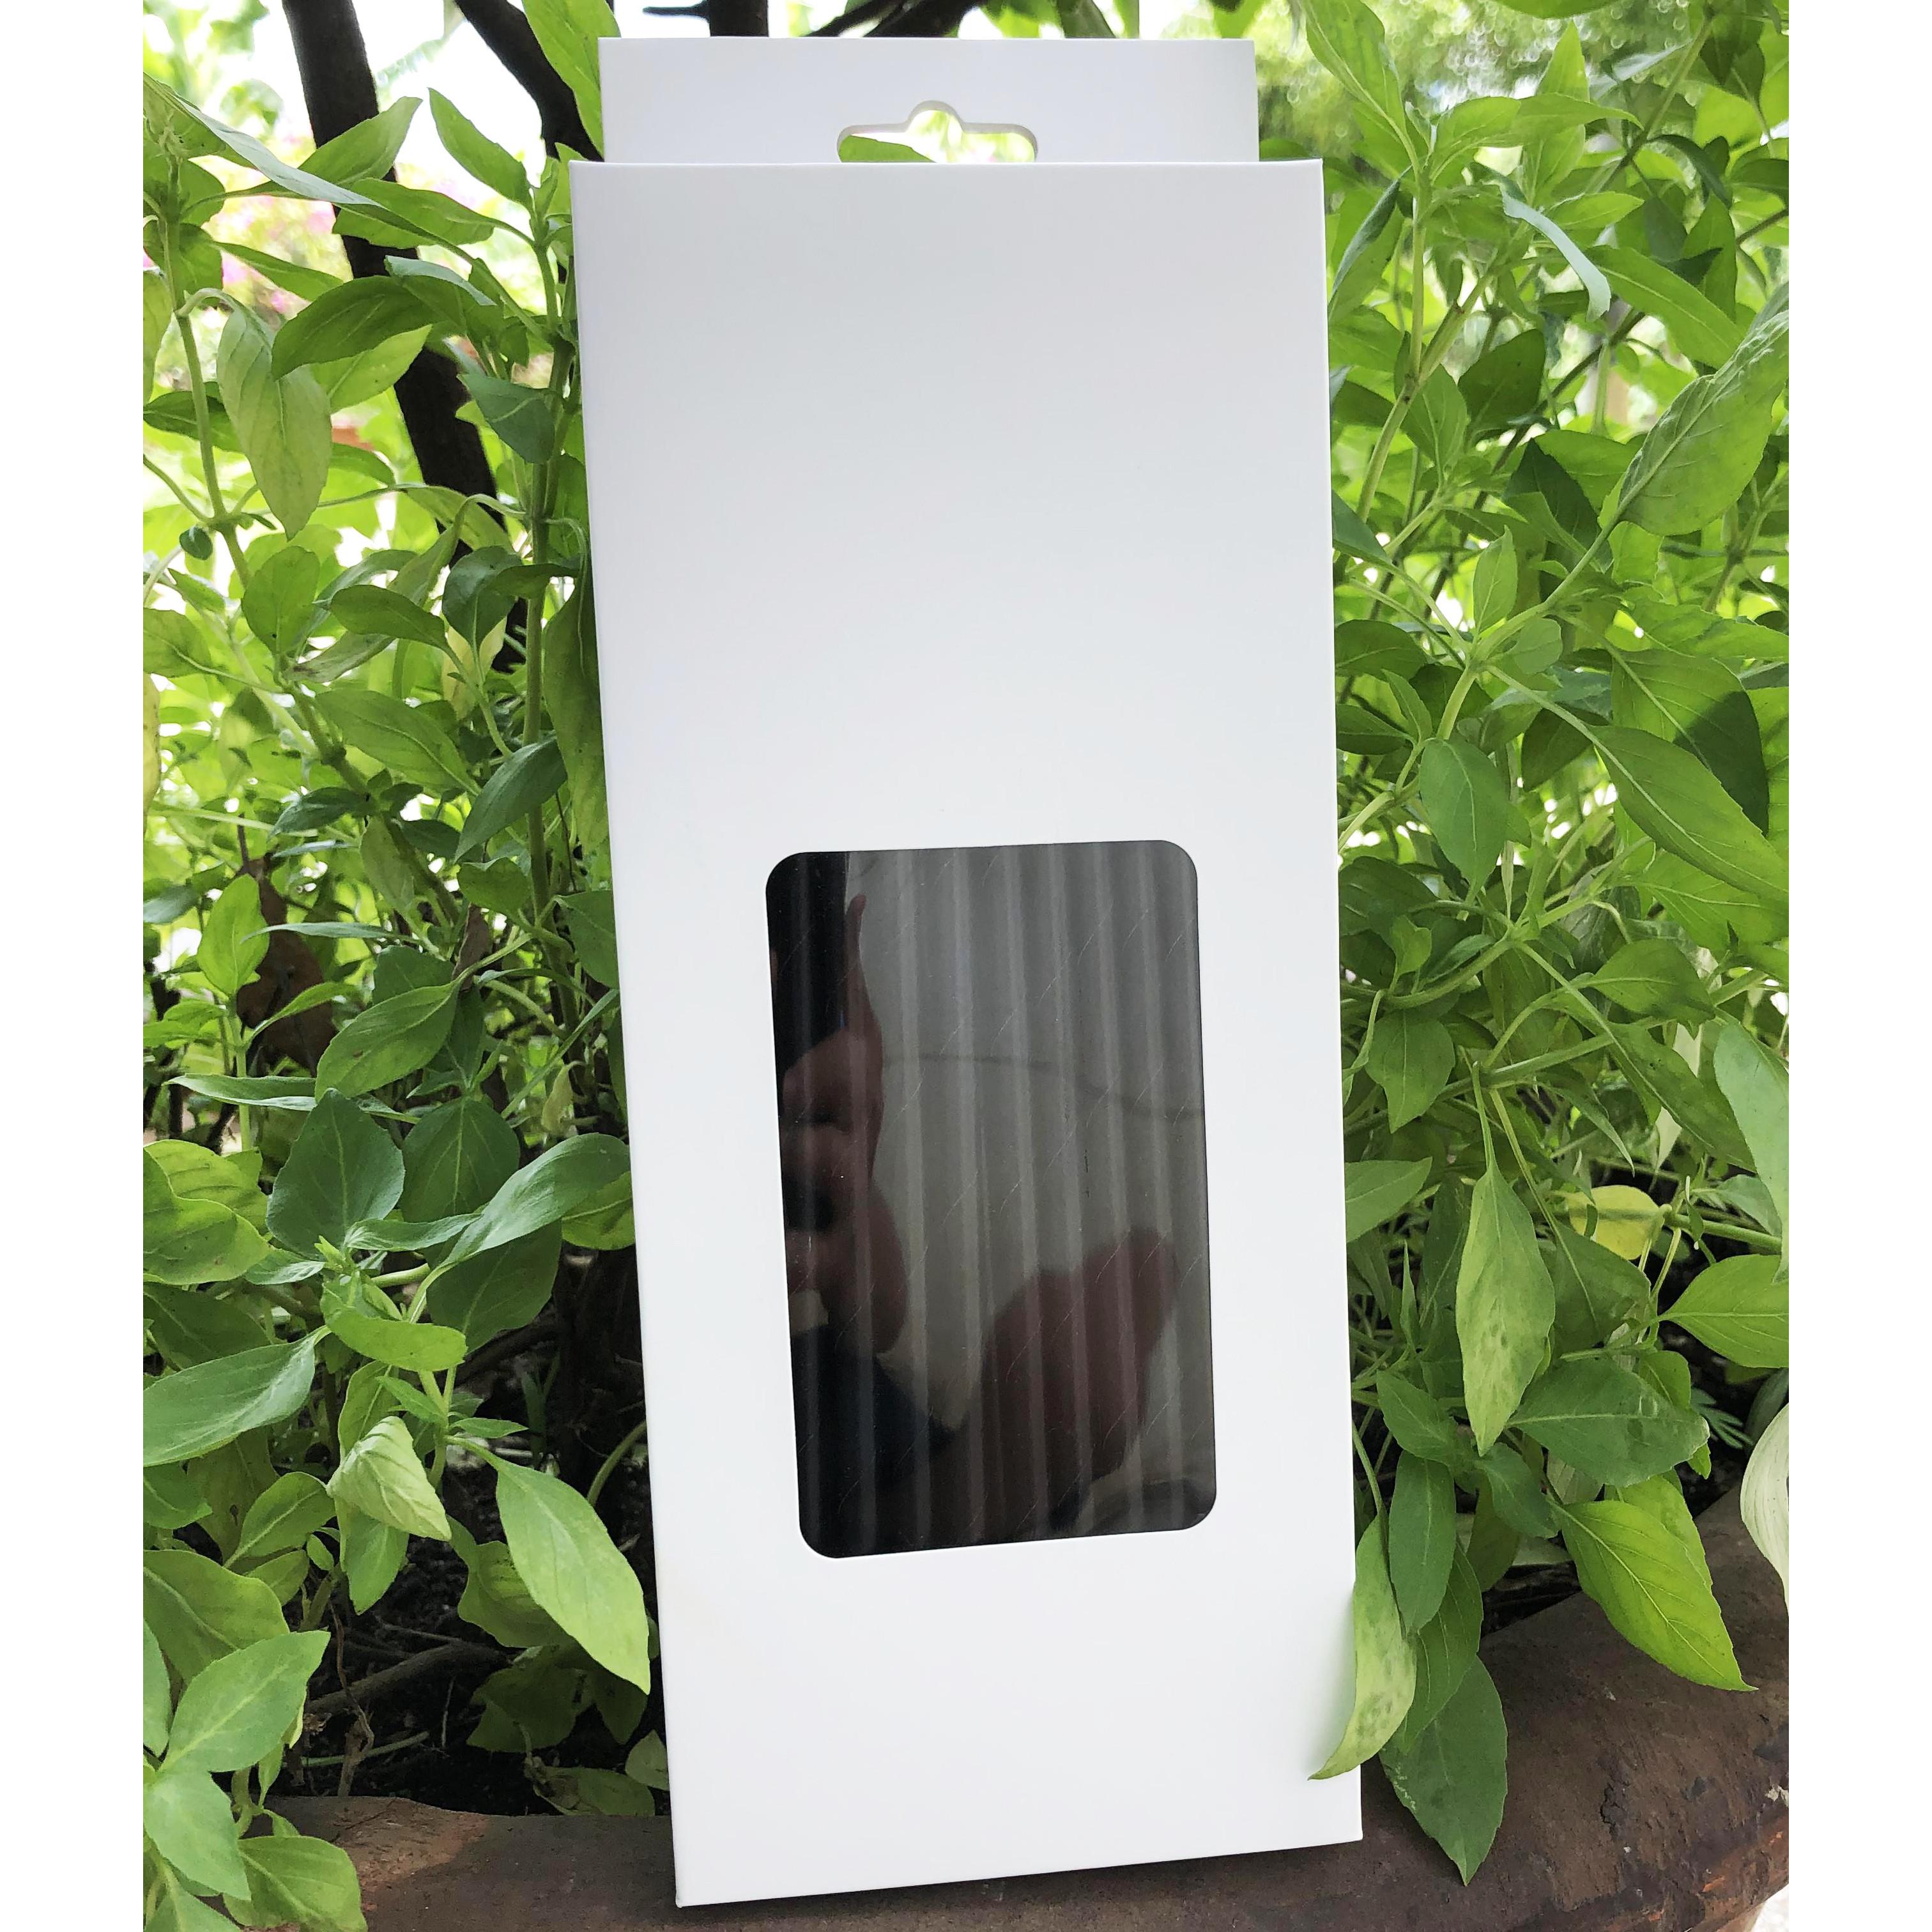 Hộp 100 ống hút giấy kích thước 197x6mm màu đen thân thiện môi trường dùng cho mọi loại nước